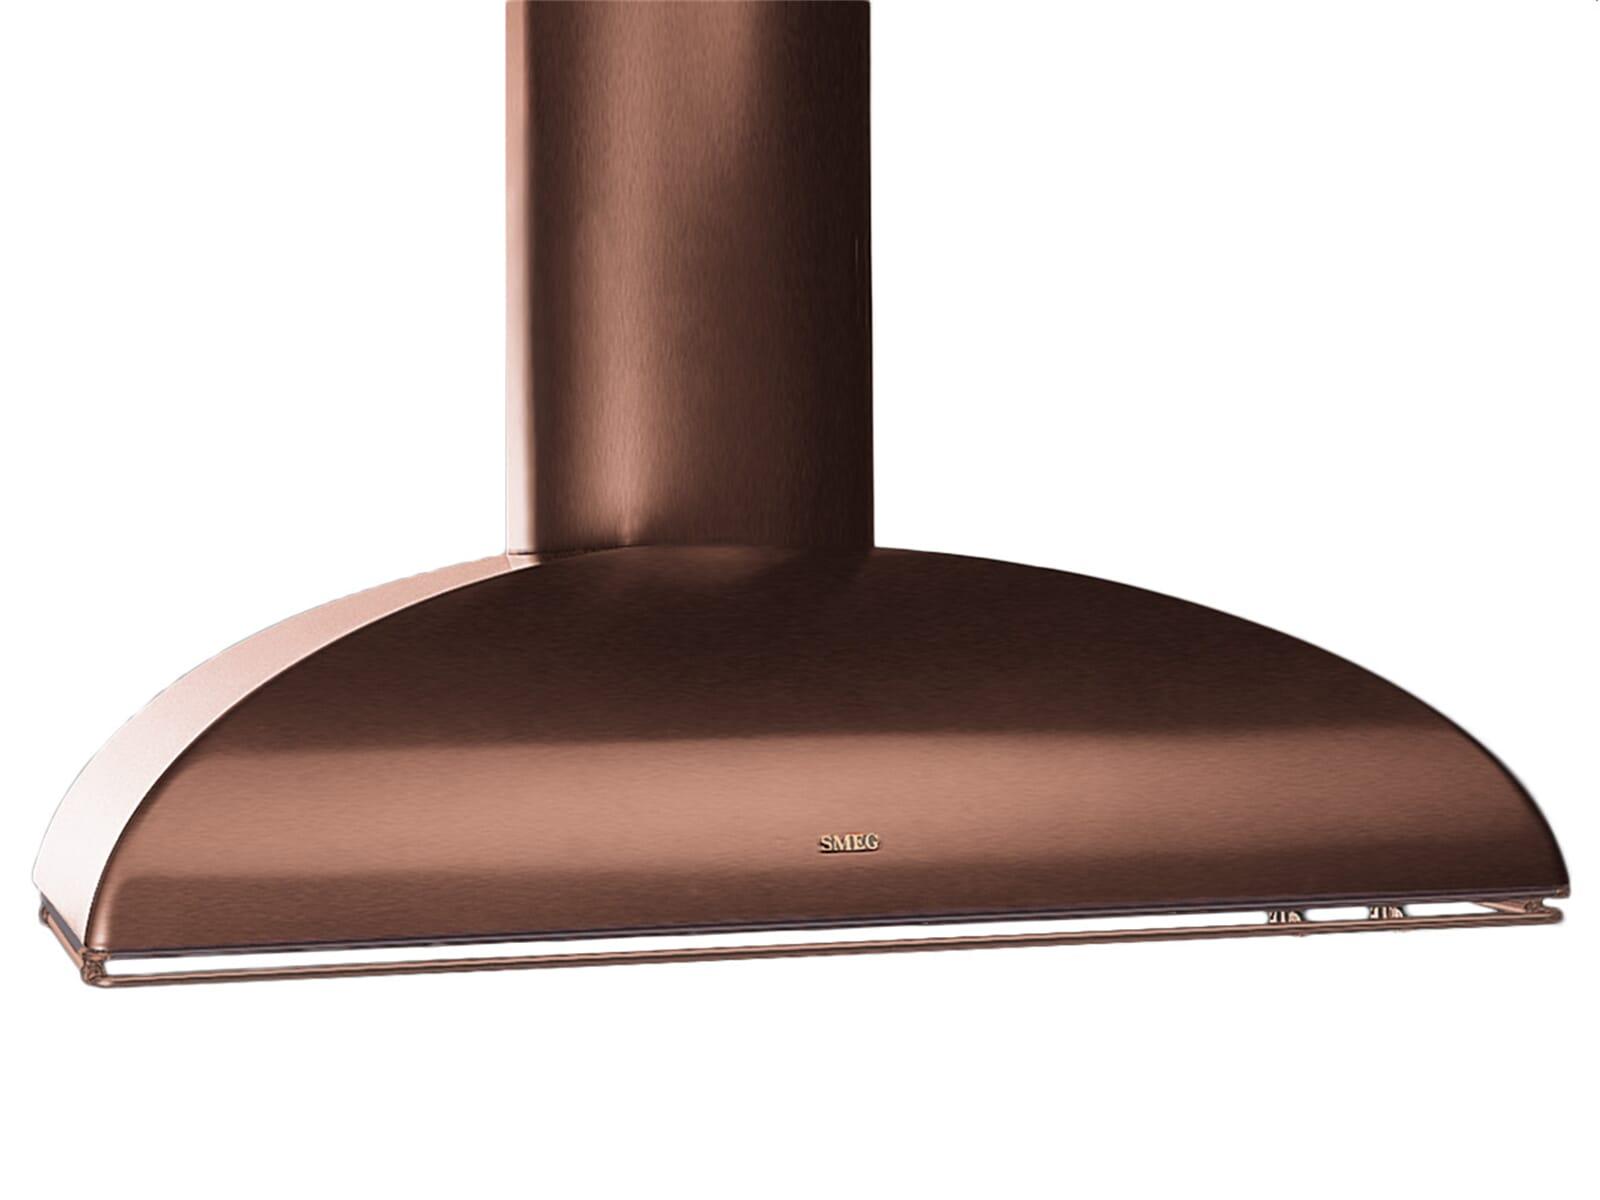 Gorenje Kühlschrank Kupfer : Smeg ks89rae wandhaube kupfer